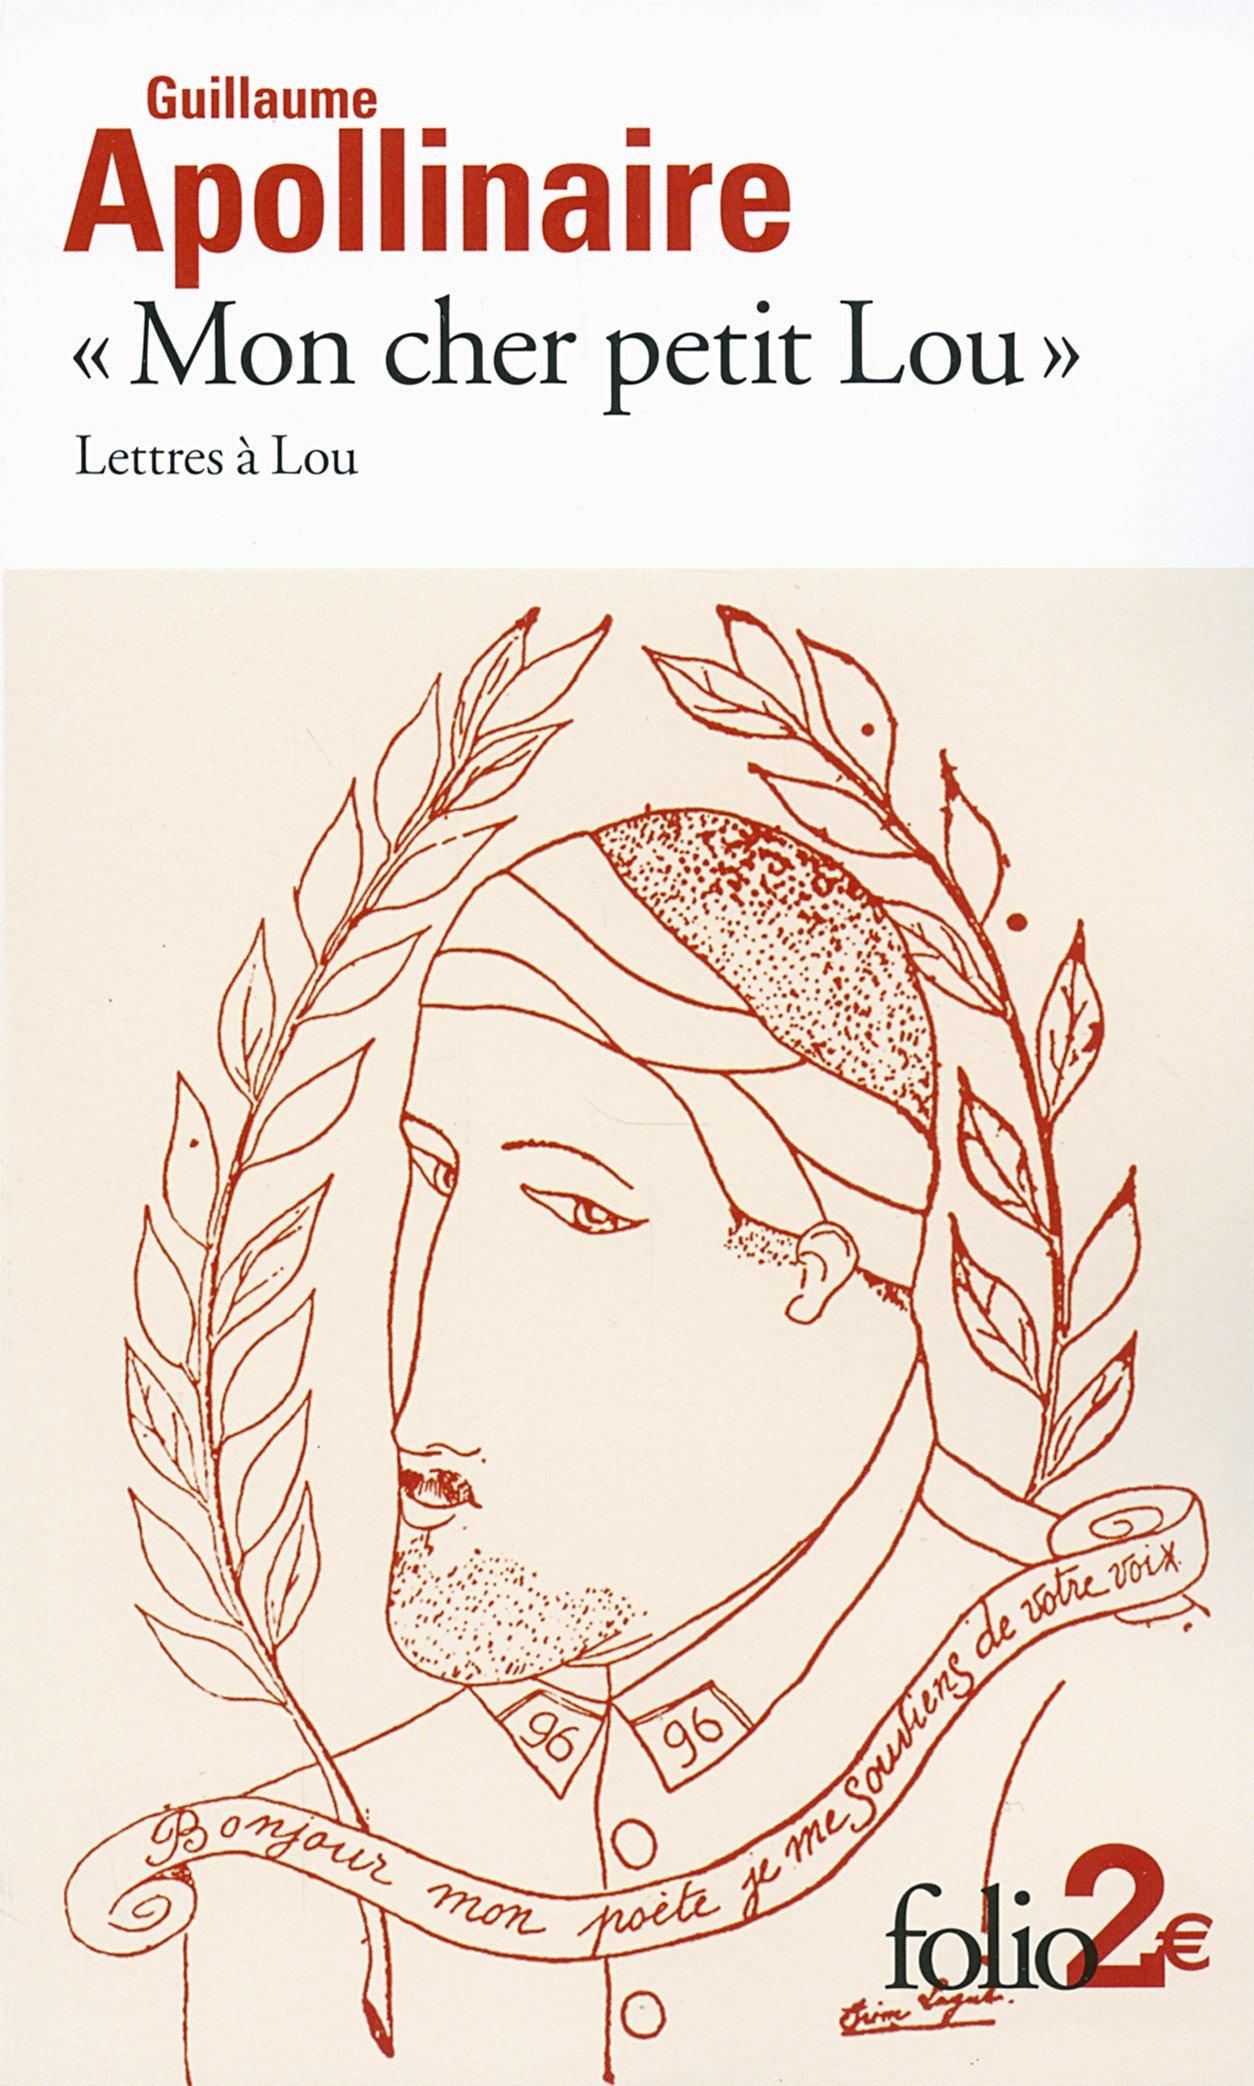 Guillaume Apollinaire, « Mon cher petit Lou », Lettres à Lou, Folio, 112 p.